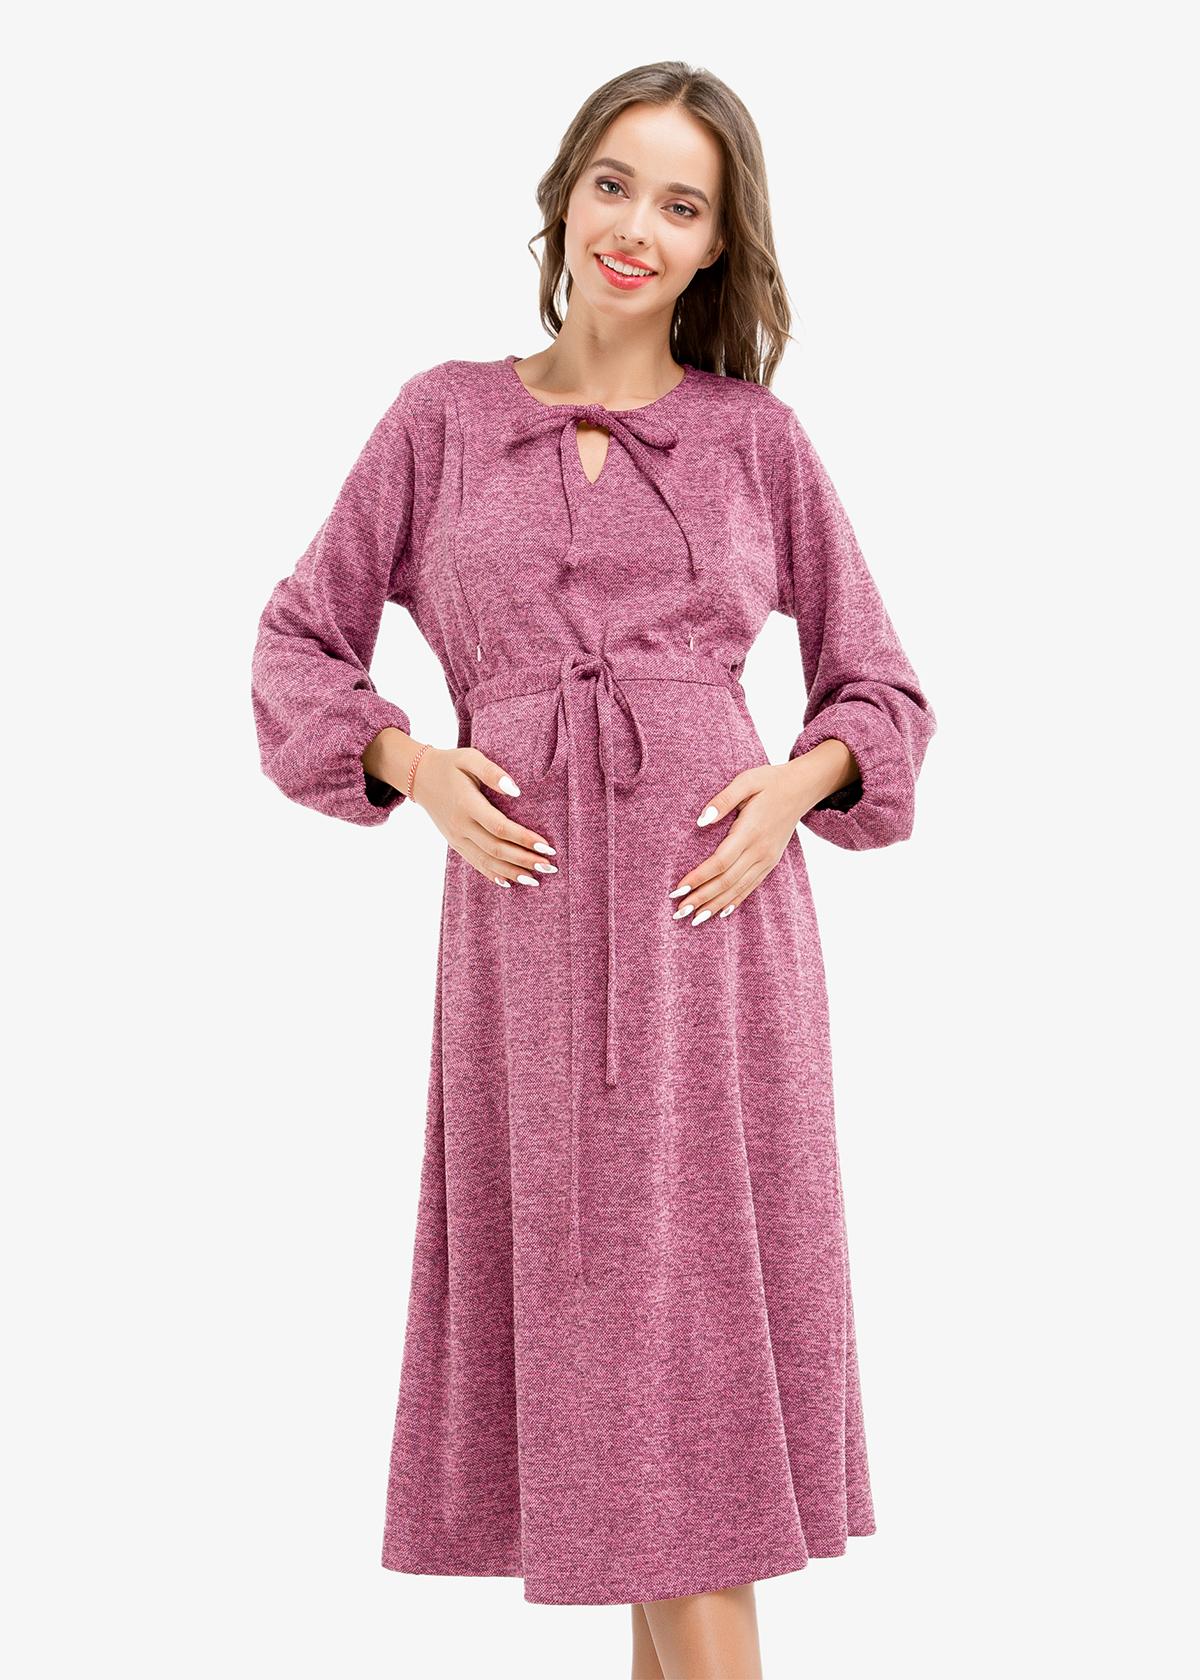 Фото: Красивое платье для беременных ниже колен 1